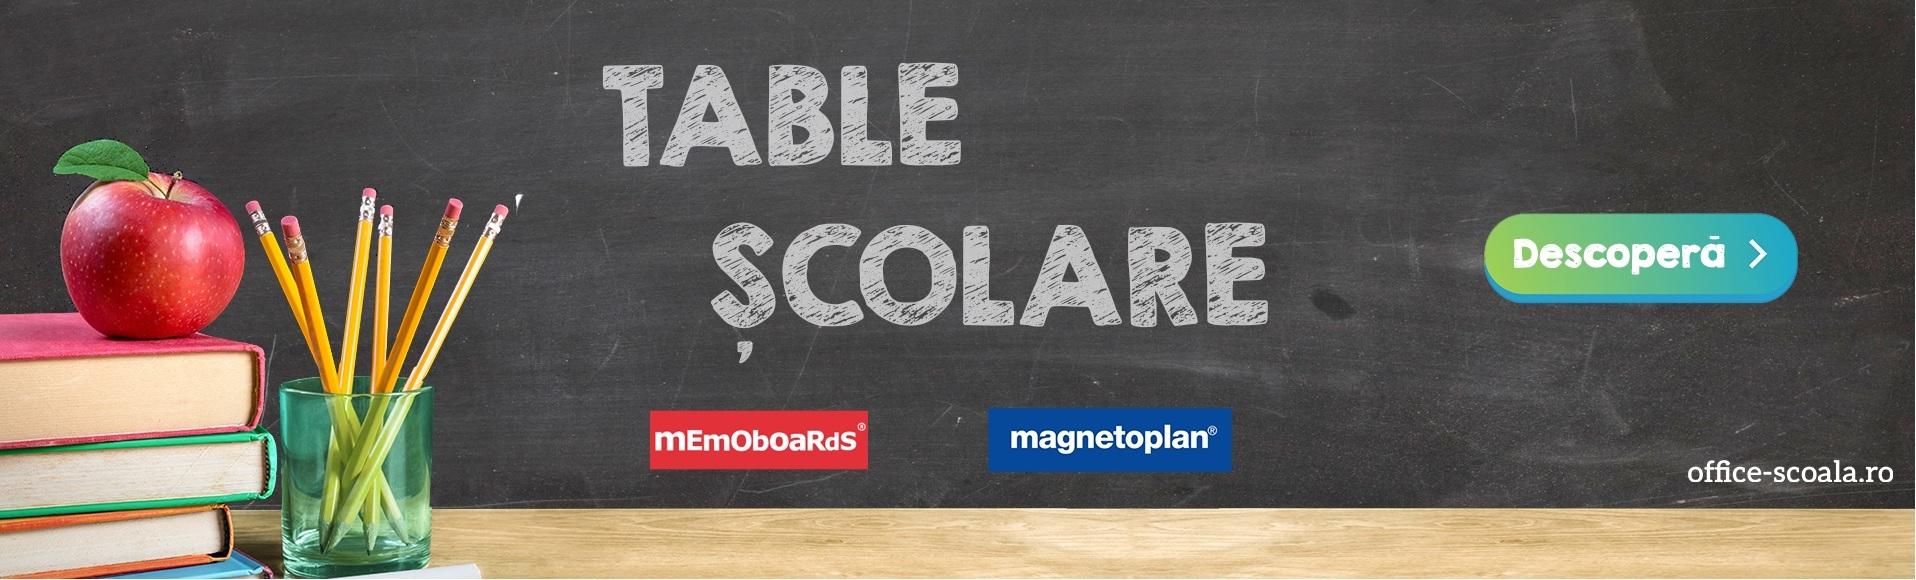 Table Scolare